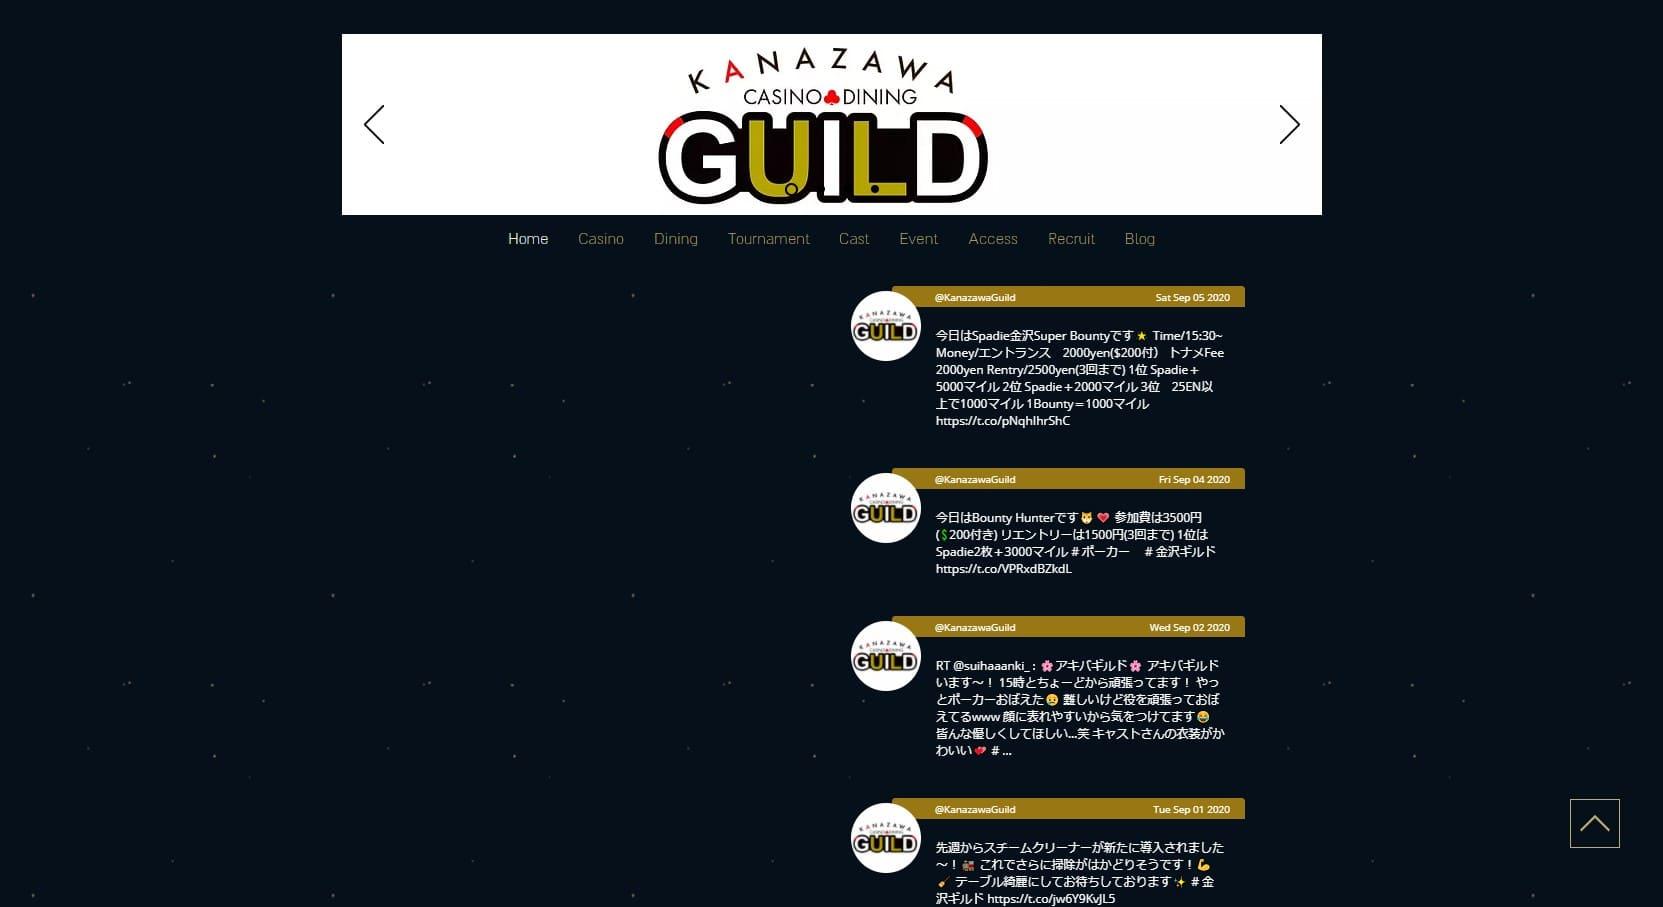 金沢ギルドのウェブサイト画像。